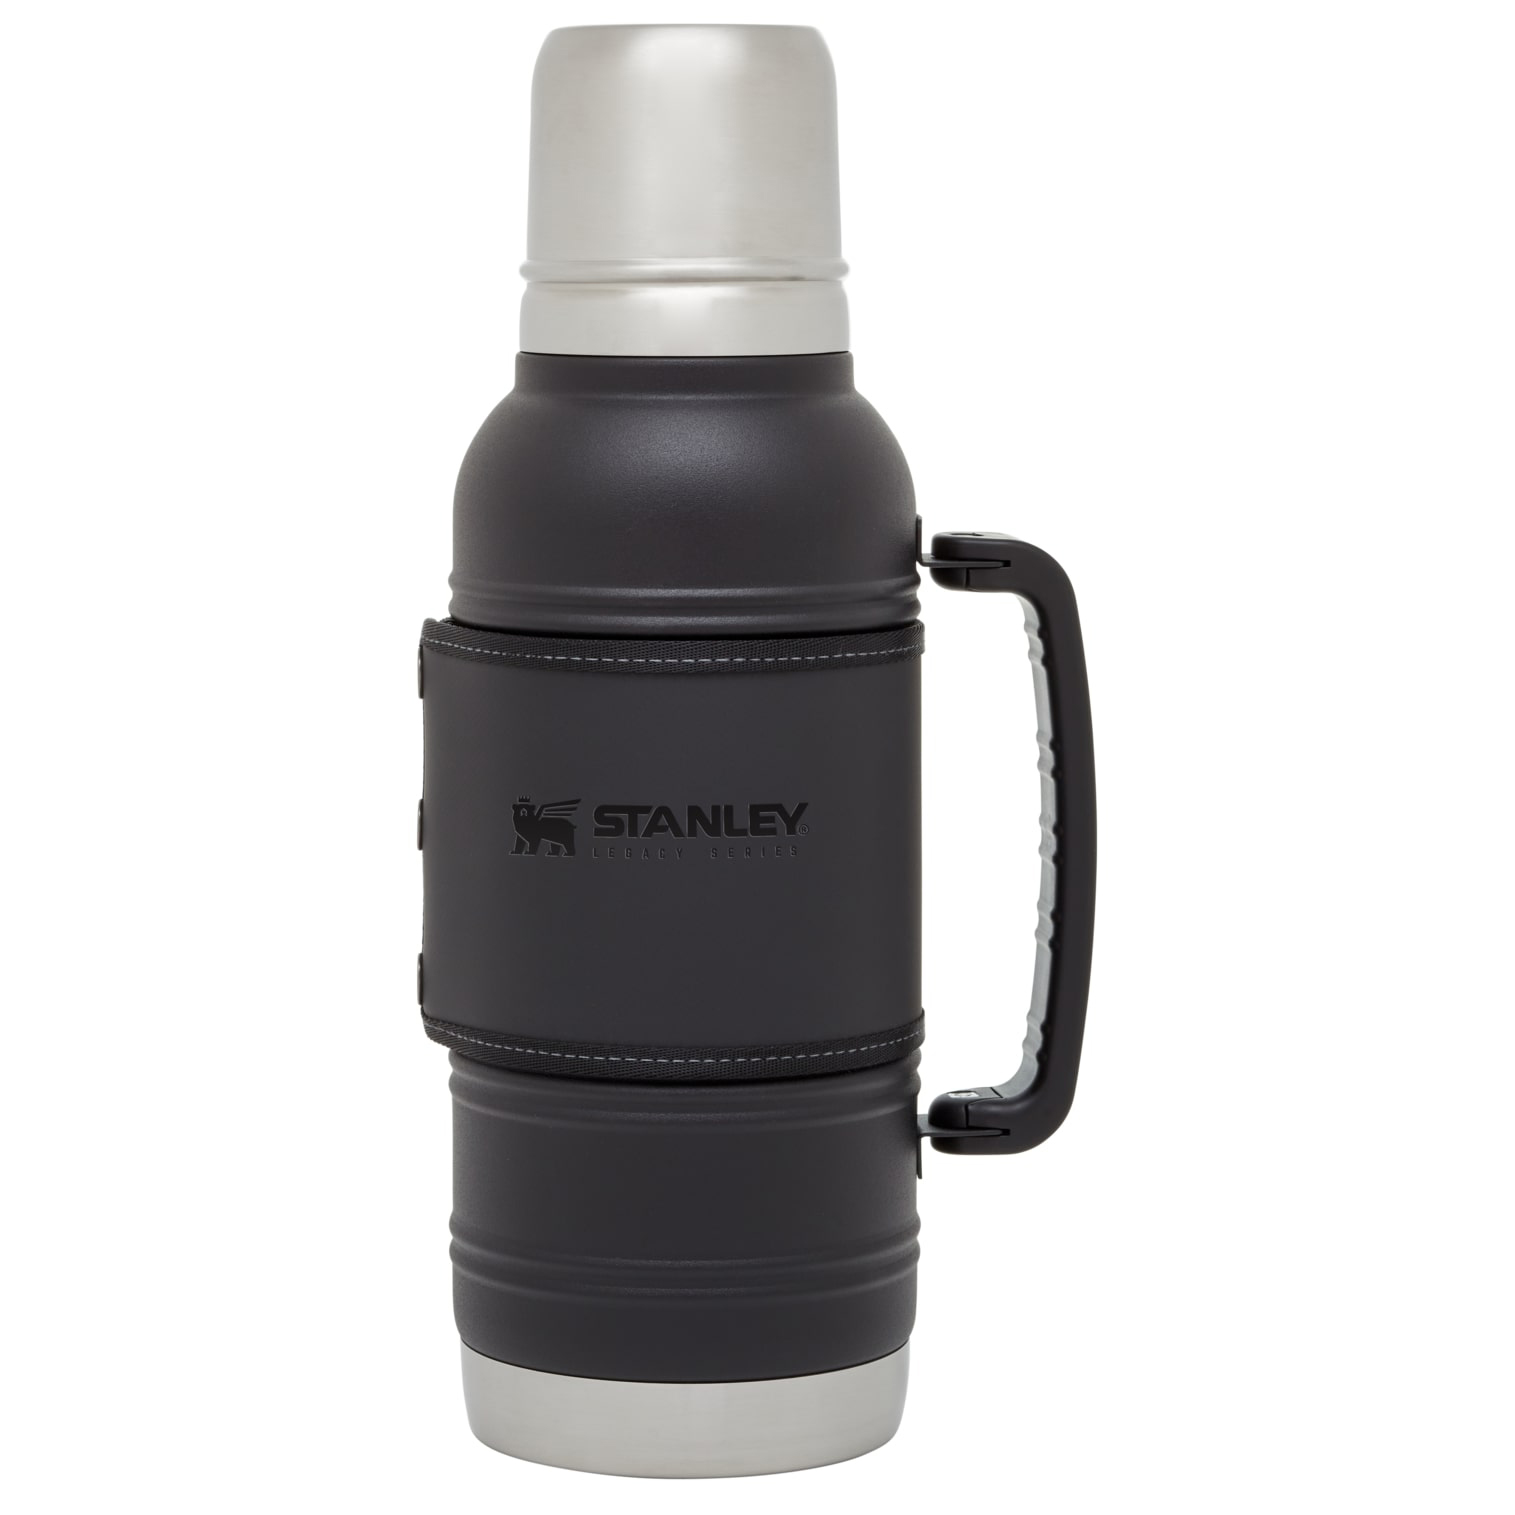 Bình Giữ Nhiệt Stanley Legacy Quadvac 1.4L - Black